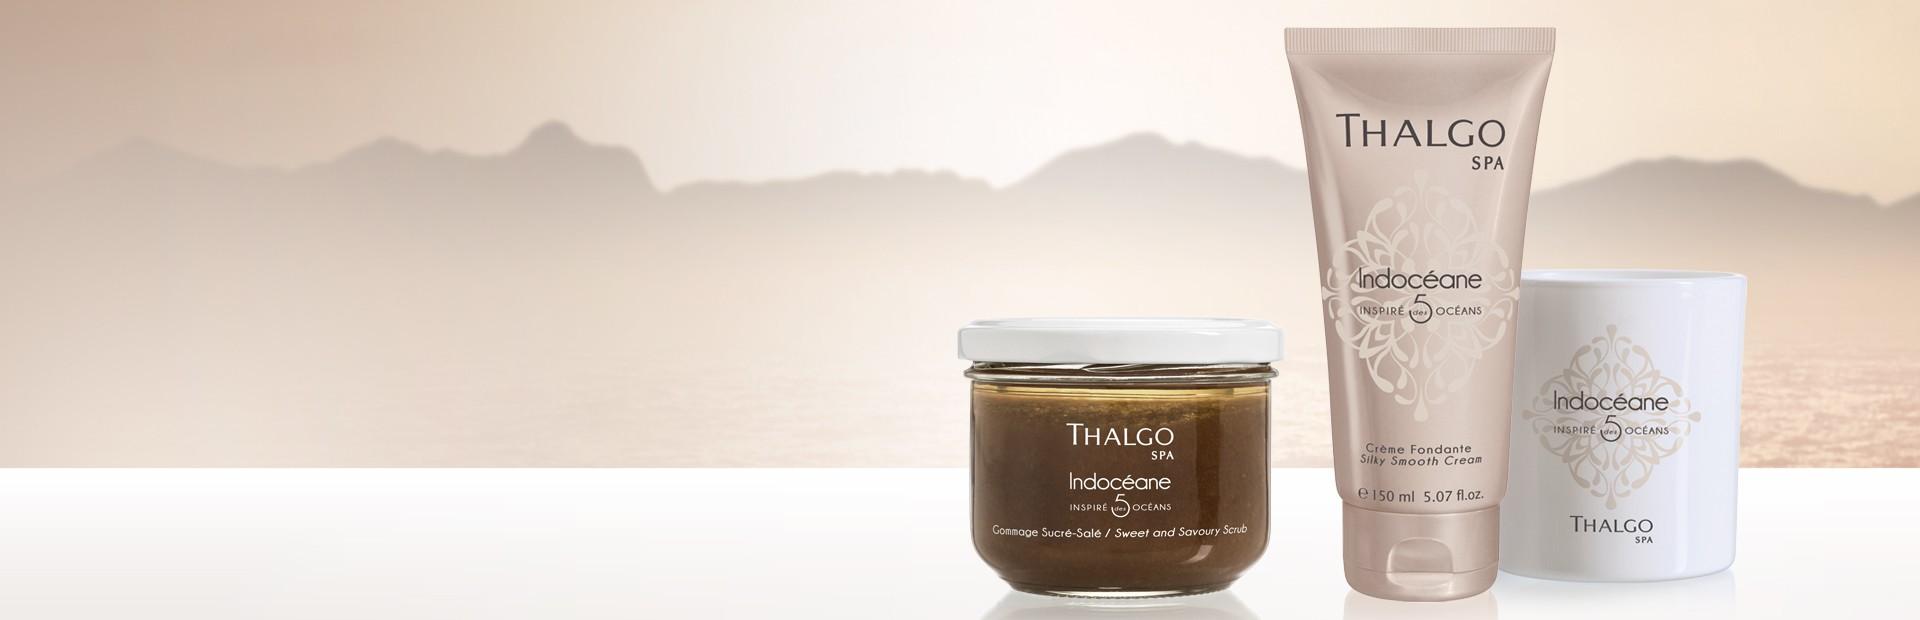 Thalgo, Rituels Spa, Indocéane, Soins et produits à base de